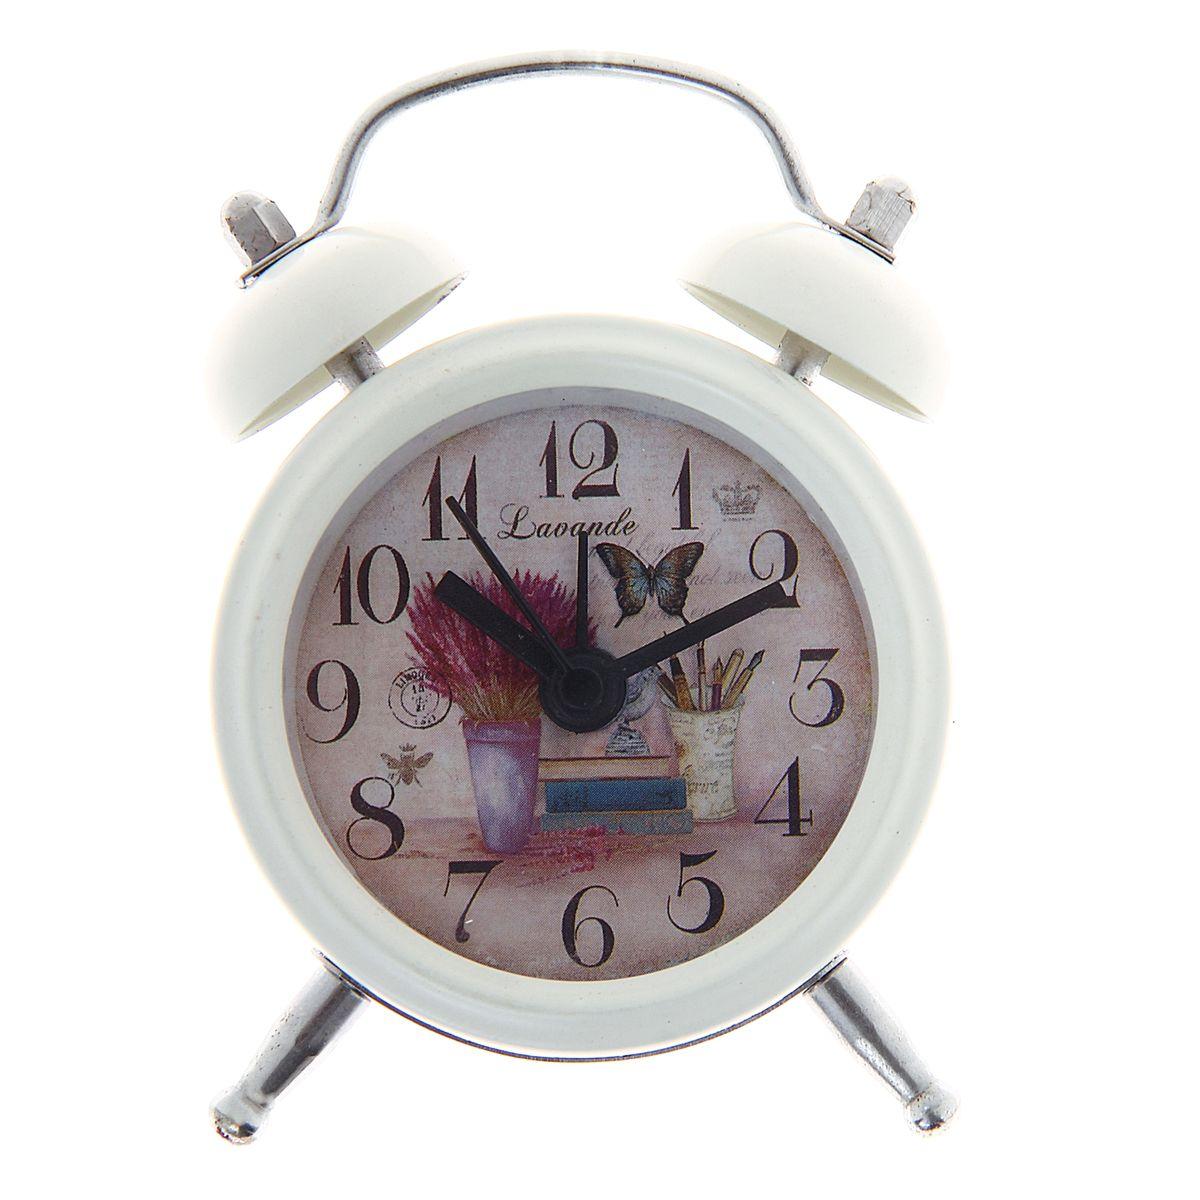 Часы-будильник Sima-land Цветы в вазе1056412Как же сложно иногда вставать вовремя! Всегда так хочется поспать еще хотя бы 5 минут и бывает, что мы просыпаем. Теперь этого не случится! Яркий, оригинальный будильник Sima-land Цветы в вазе поможет вам всегда вставать в нужное время и успевать везде и всюду. Будильник украсит вашу комнату и приведет в восхищение друзей. Эта уменьшенная версия привычного будильника умещается на ладони и работает так же громко, как и привычные аналоги. Время показывает точно и будит в установленный час. На задней панели будильника расположены переключатель включения/выключения механизма, а также два колесика для настройки текущего времени и времени звонка будильника. Будильник работает от 1 батарейки типа LR44 (входит в комплект).